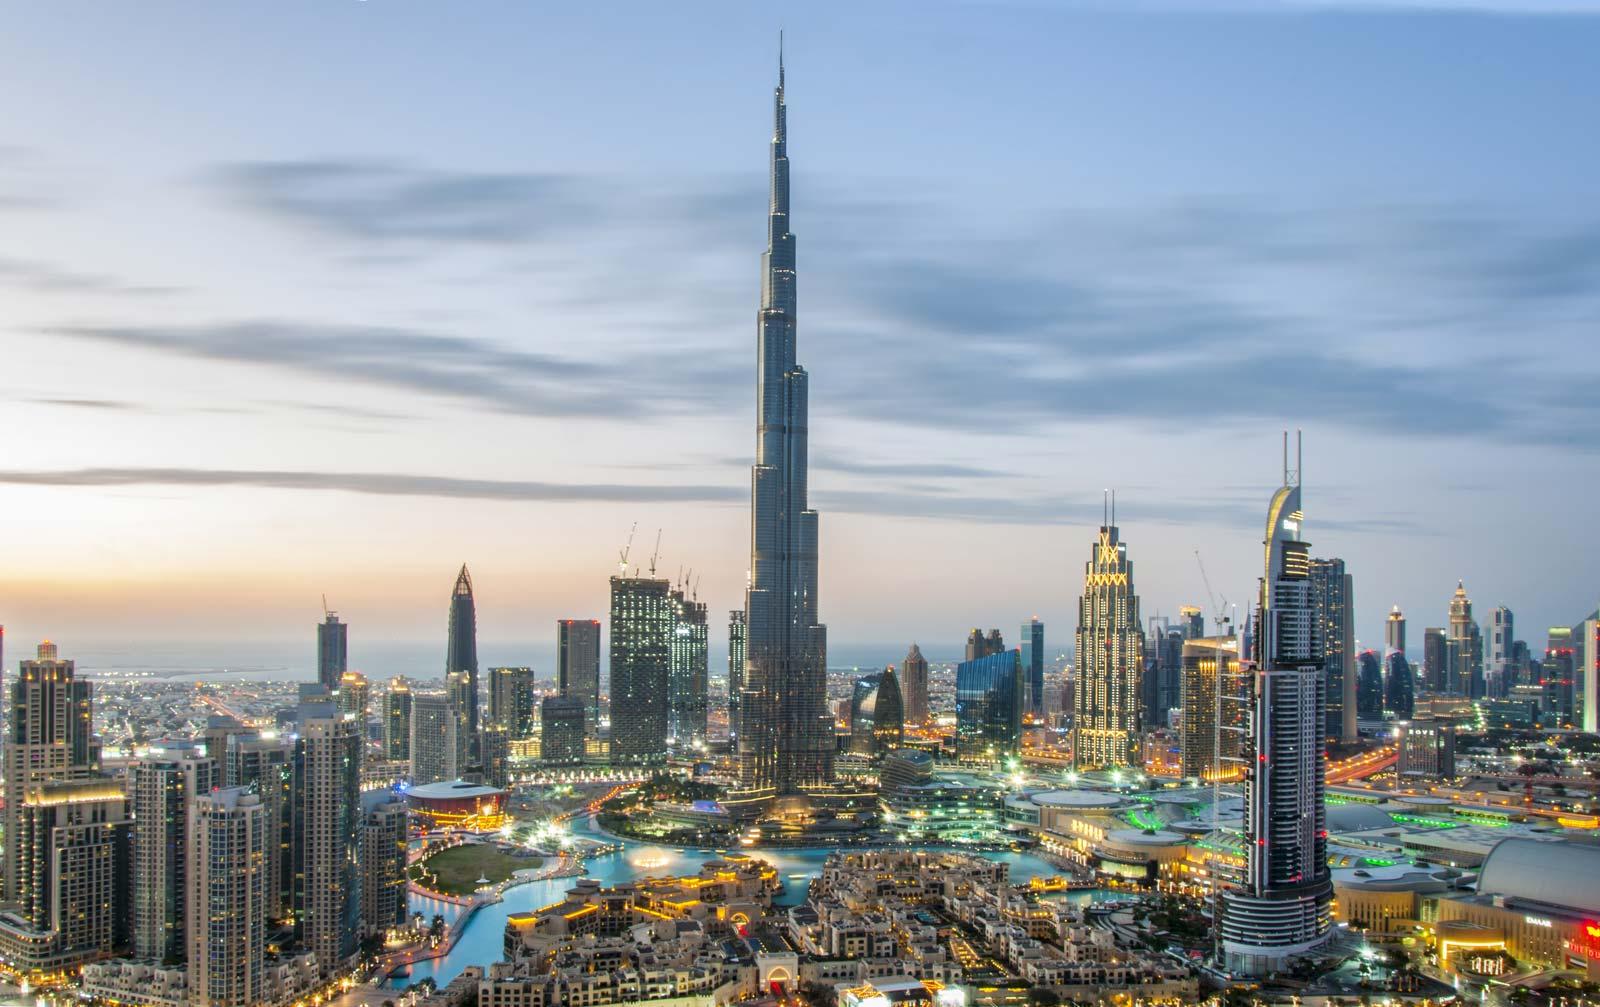 أماكن سياحية رائعه في دبي